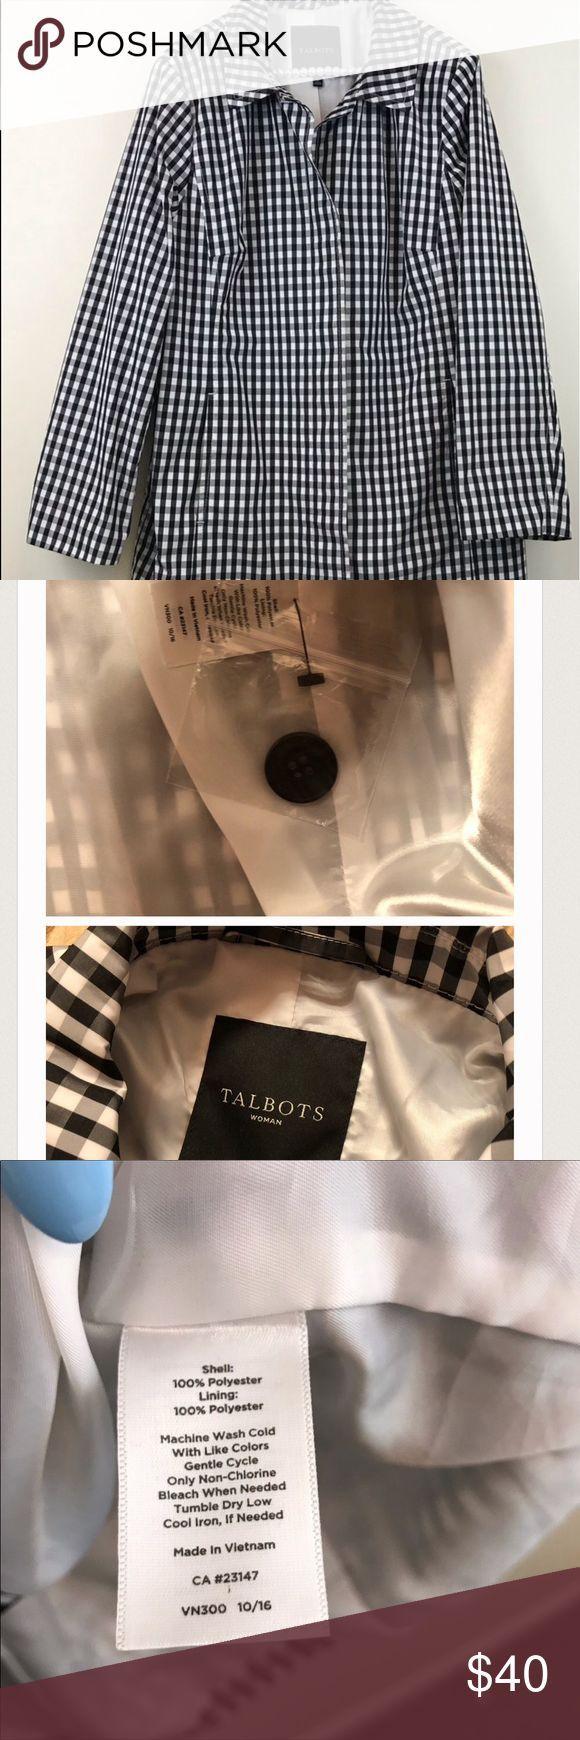 #1X #Cute #cute Rainy Day Outfit #Perfect #Raincoat #size #St #Talbots #worn Talbots size 1X raincoat. Never worn. Cute Talbots raincoat. Just perfect for st...        タルボットサイズ1Xレインコート。決して着用しません。かわいいタルボットのレインコート。スタイリッシュな雨の日にぴったりです。サイズタグは付いていませんが、a1Xです。タルボットジャケット&コート #rainydayoutfitforwork